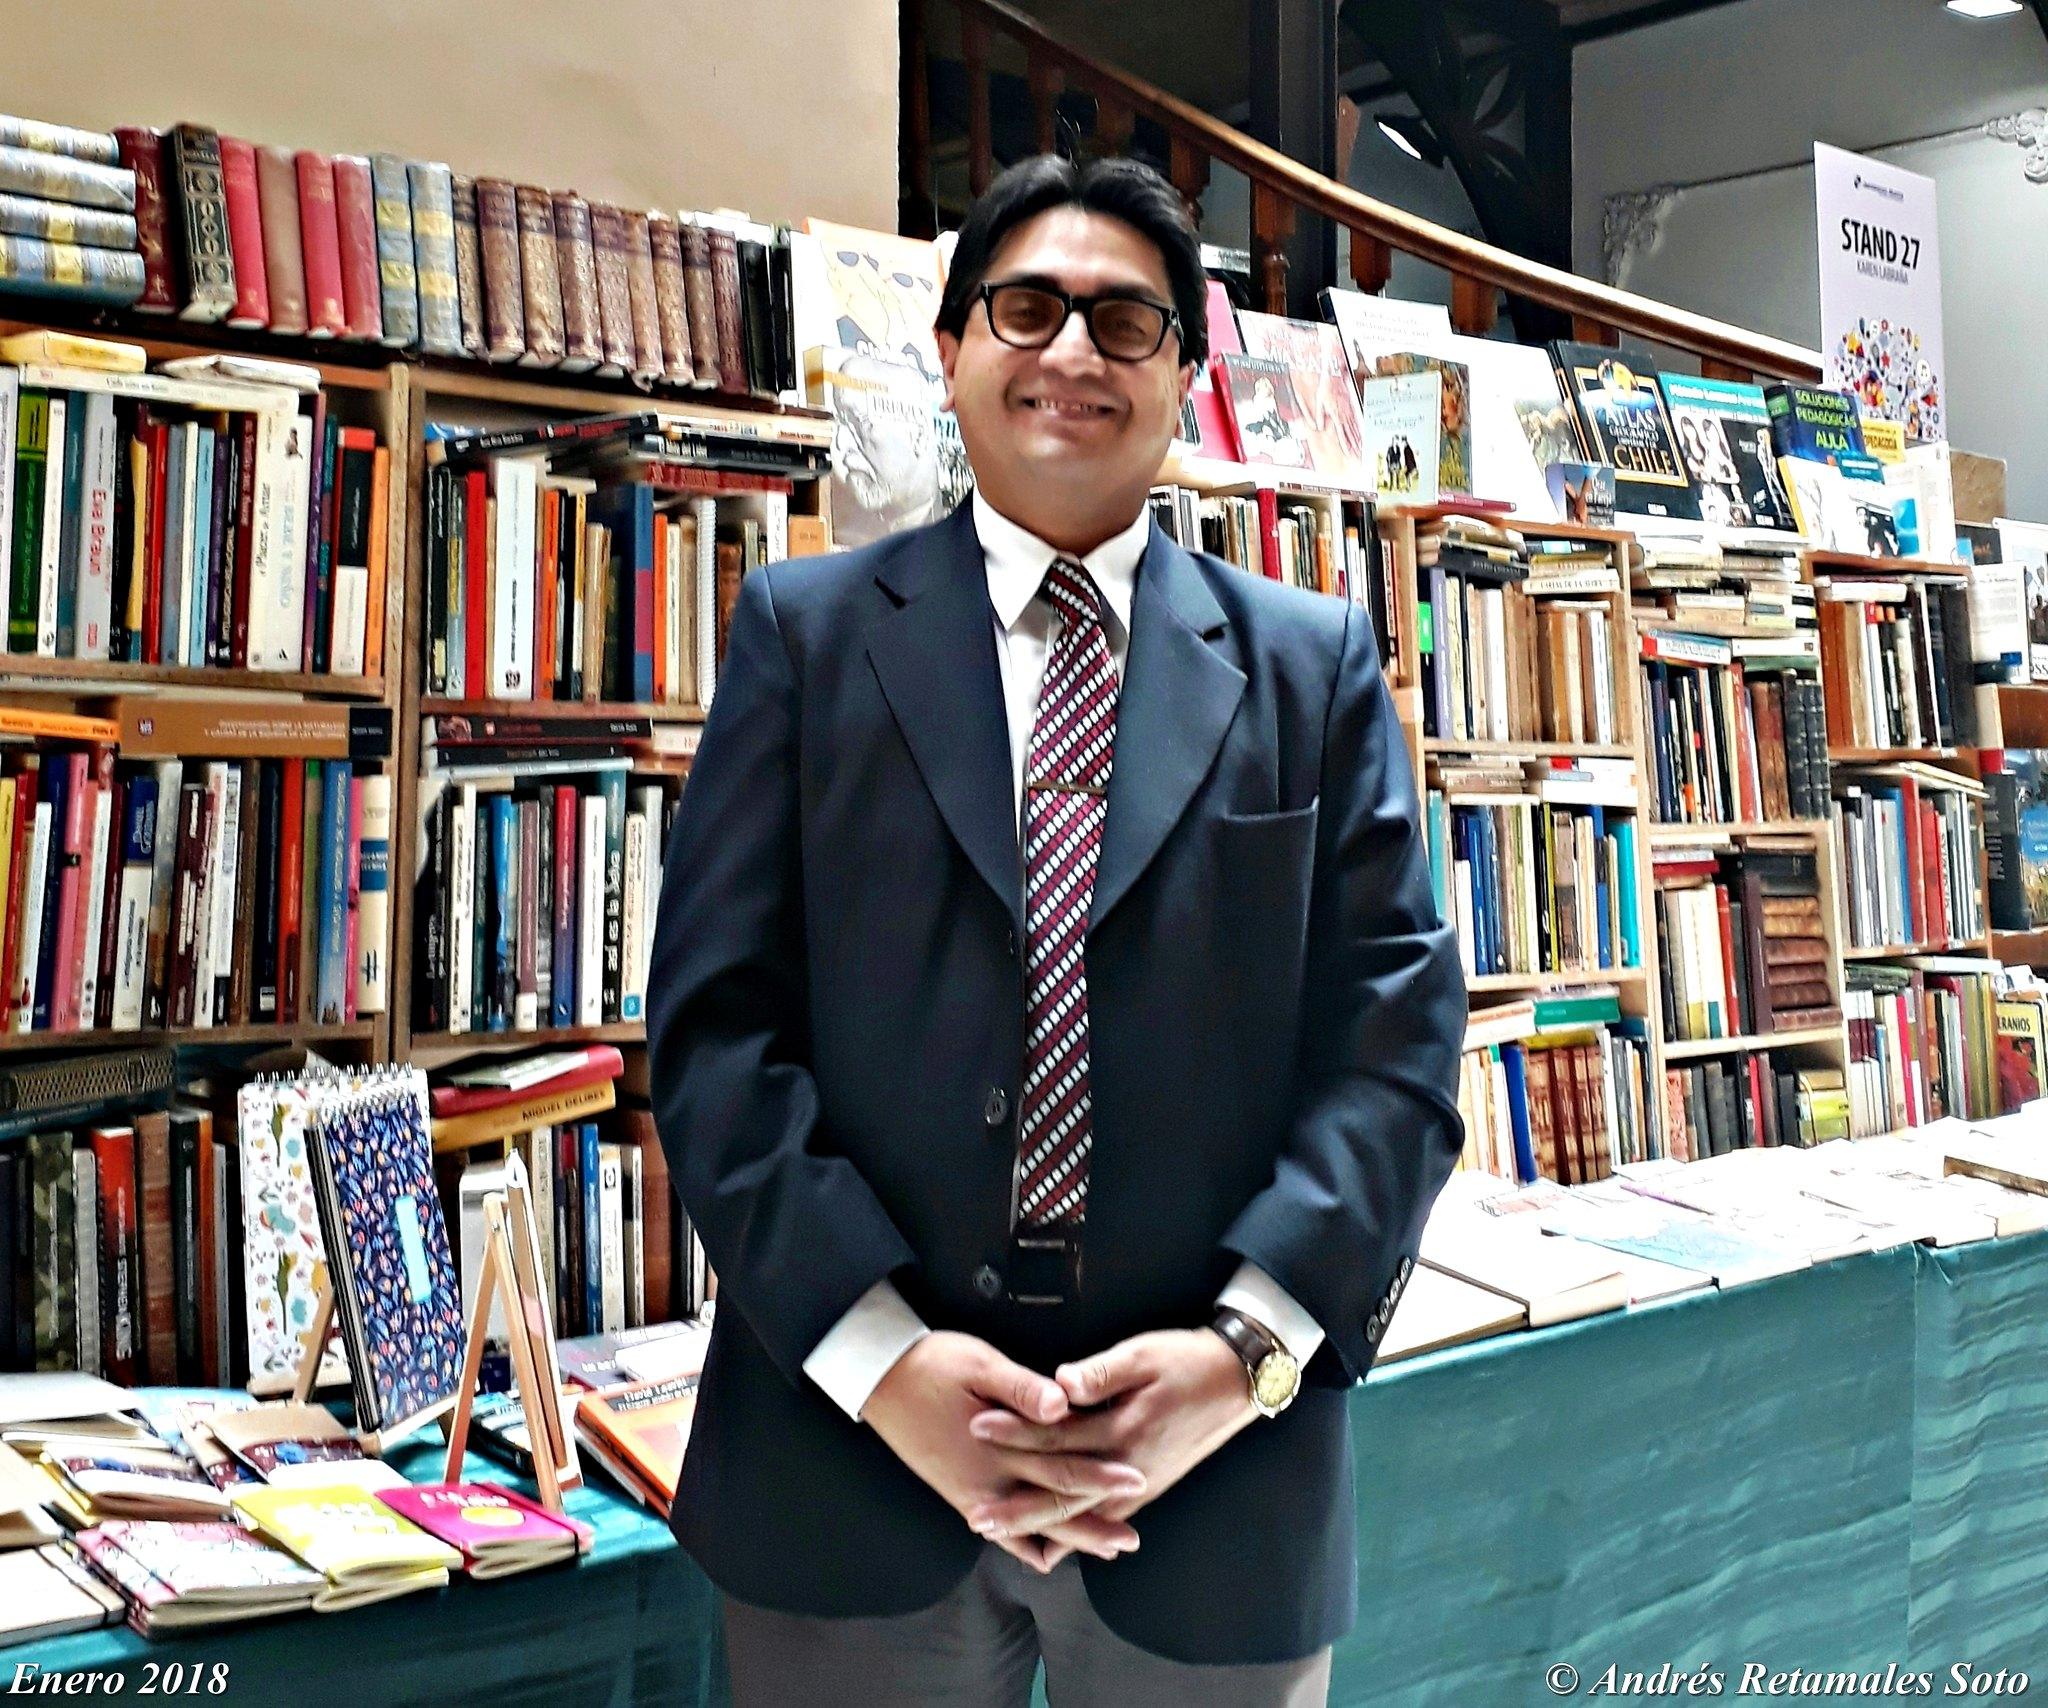 Abogado Andrés Retamales. Feria del Libro de la Universidad Mayor, Santiago de Chile, Enero 2018